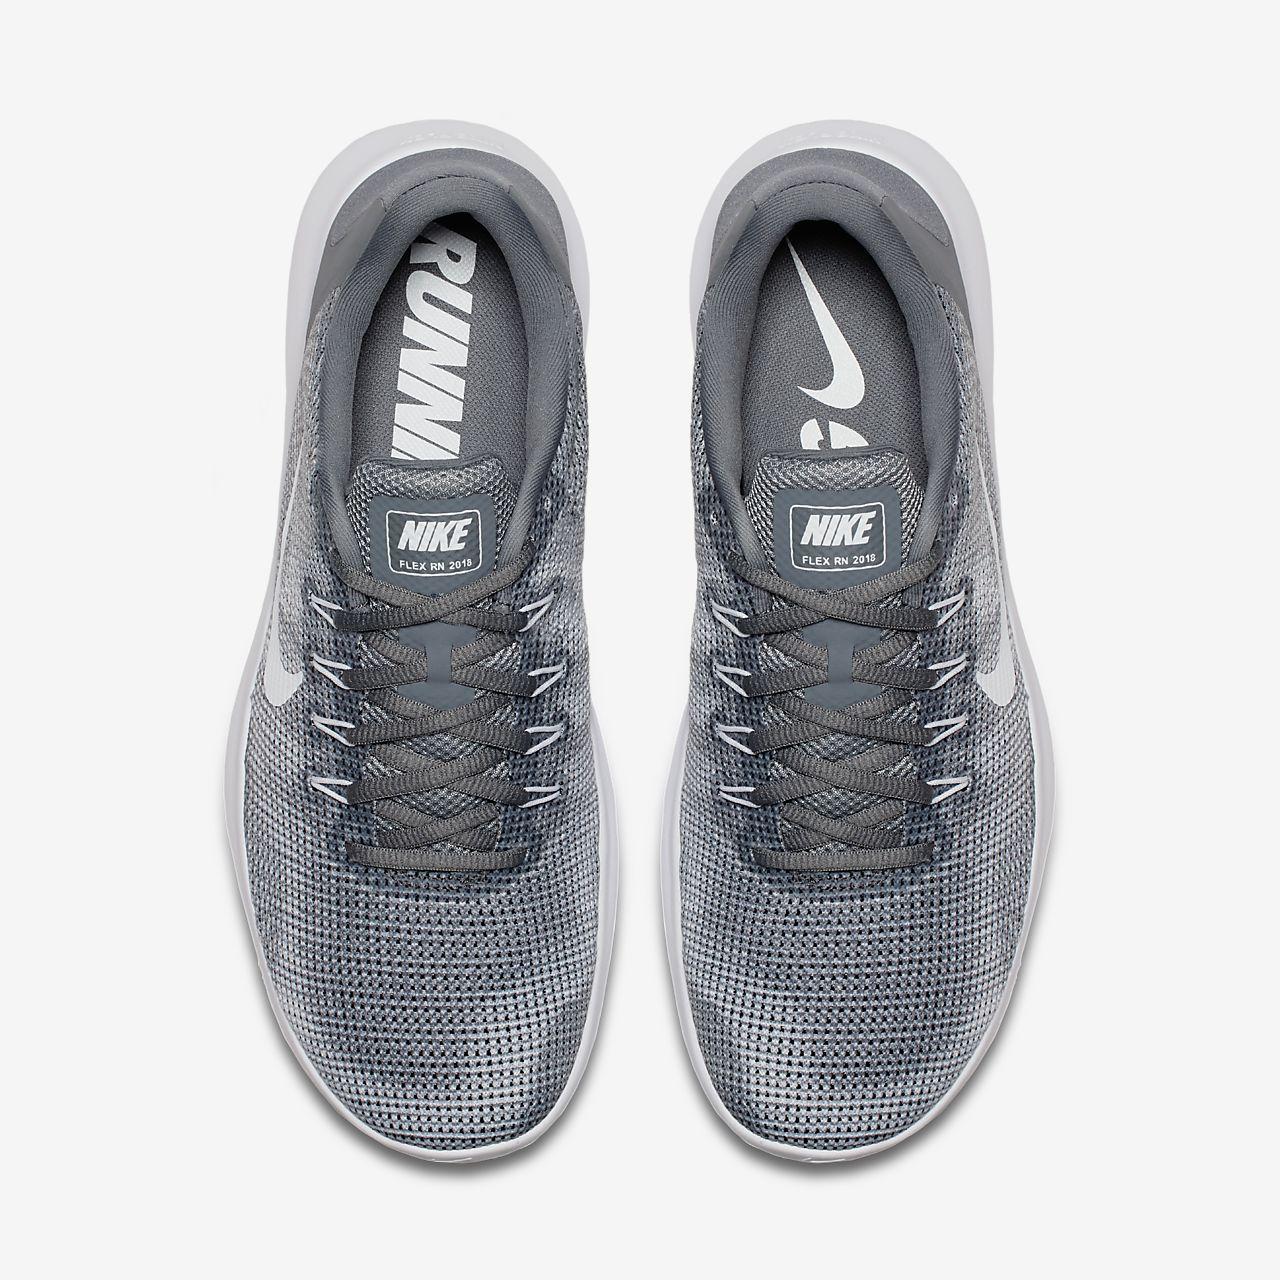 última selección de 2019 en pies imágenes de despeje Nike Flex 2018 RN Men's Running Shoe. Nike LU